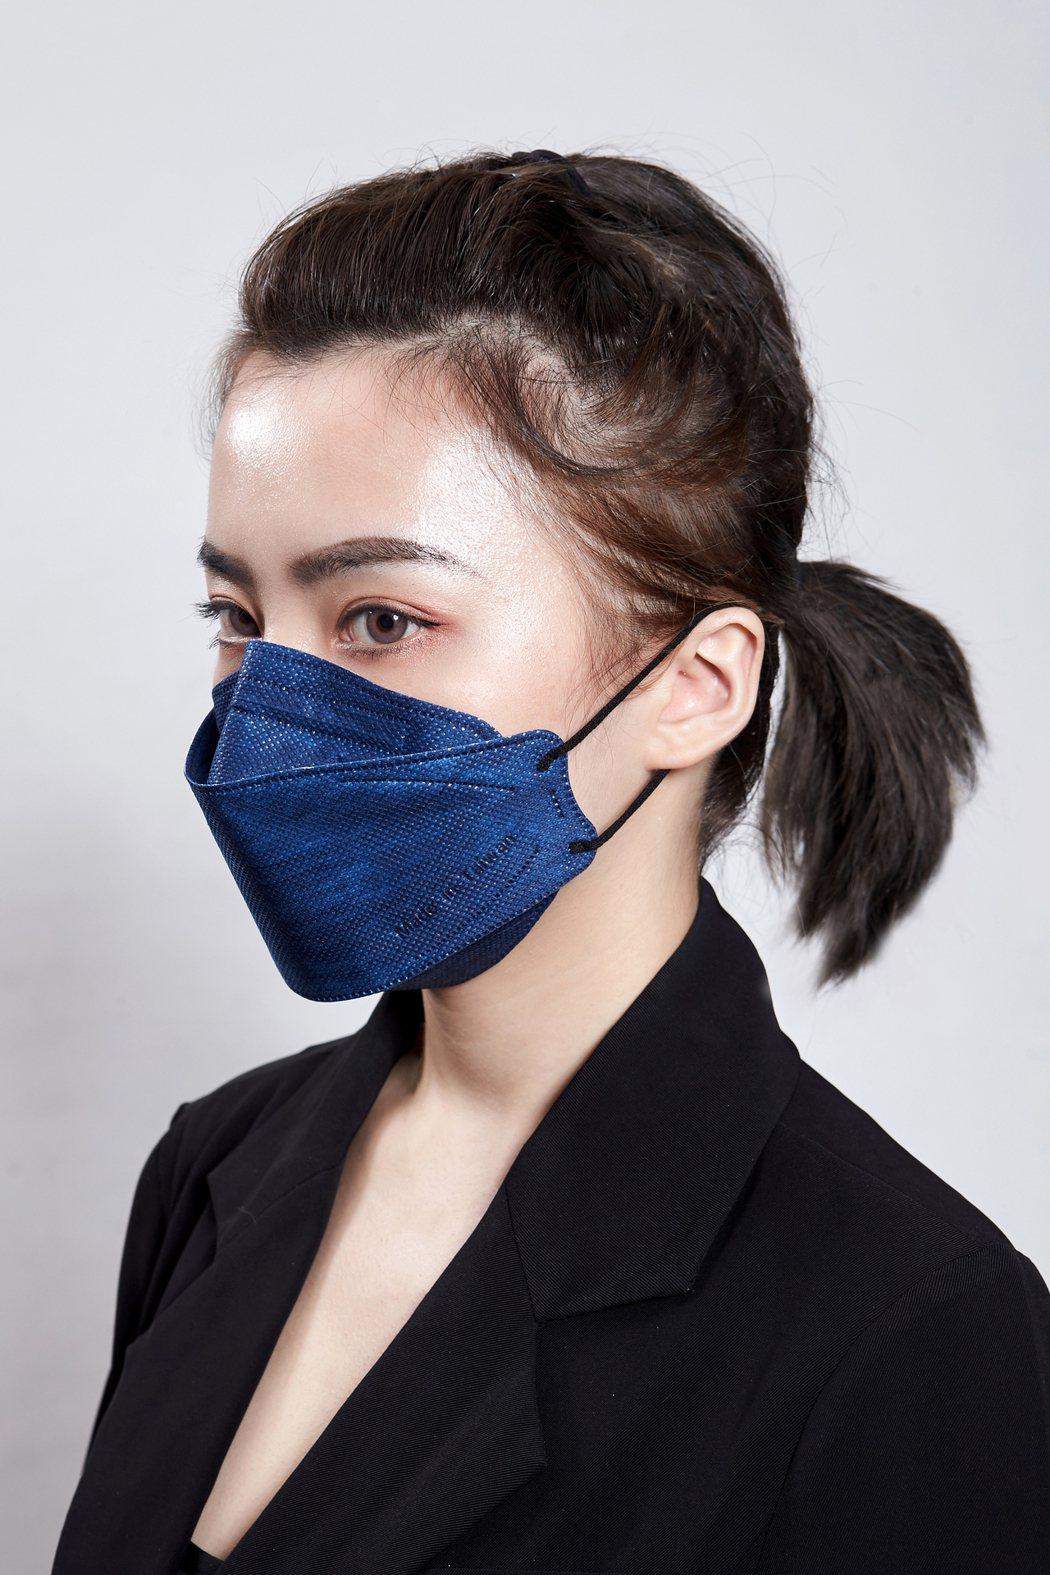 U-MASK 韓版KF立體口罩完整貼合鼻樑、臉部,優於平面口罩貼合性。  U-M...